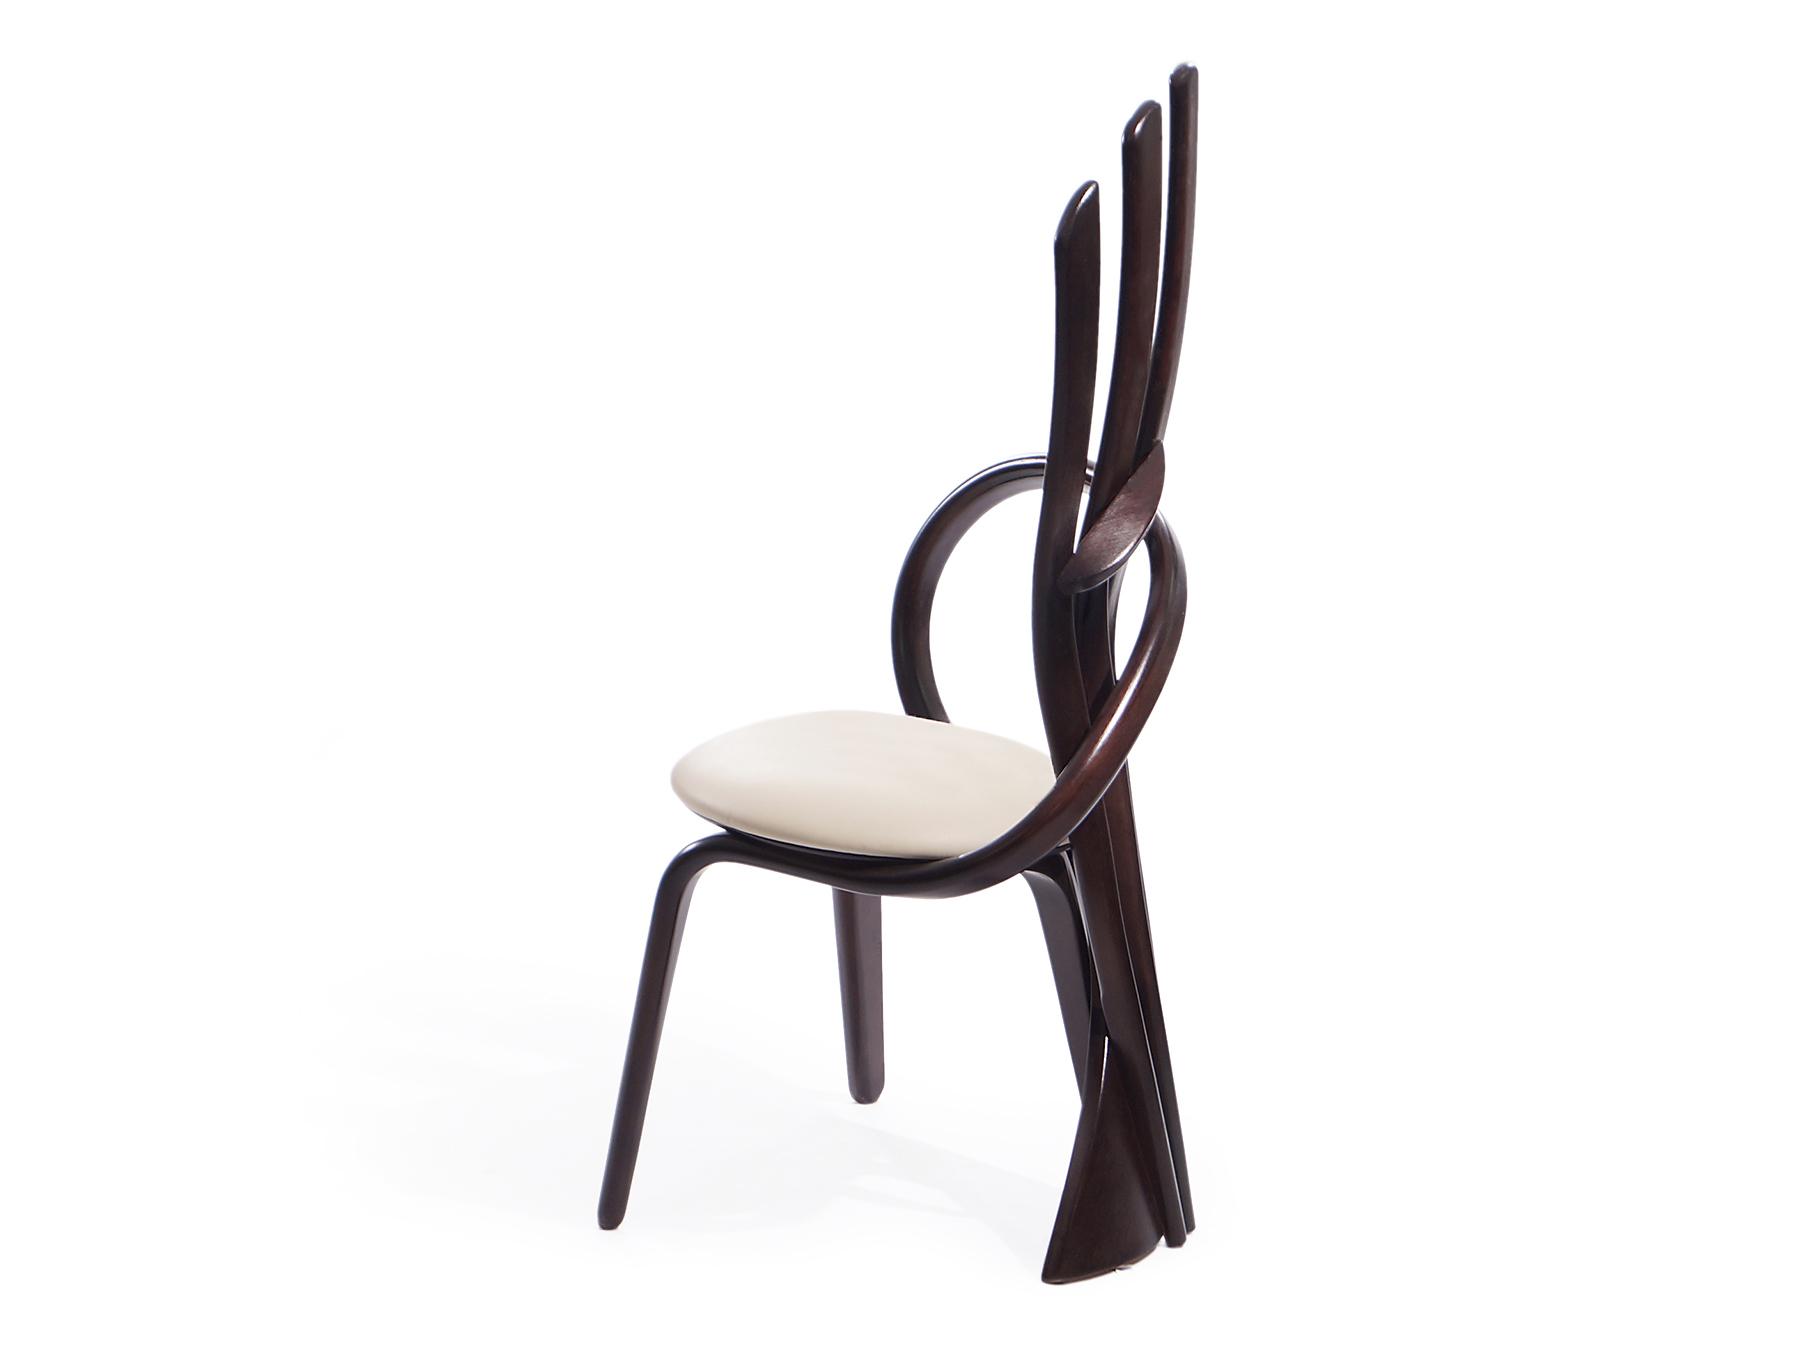 деревянный стул с высокой спинкой